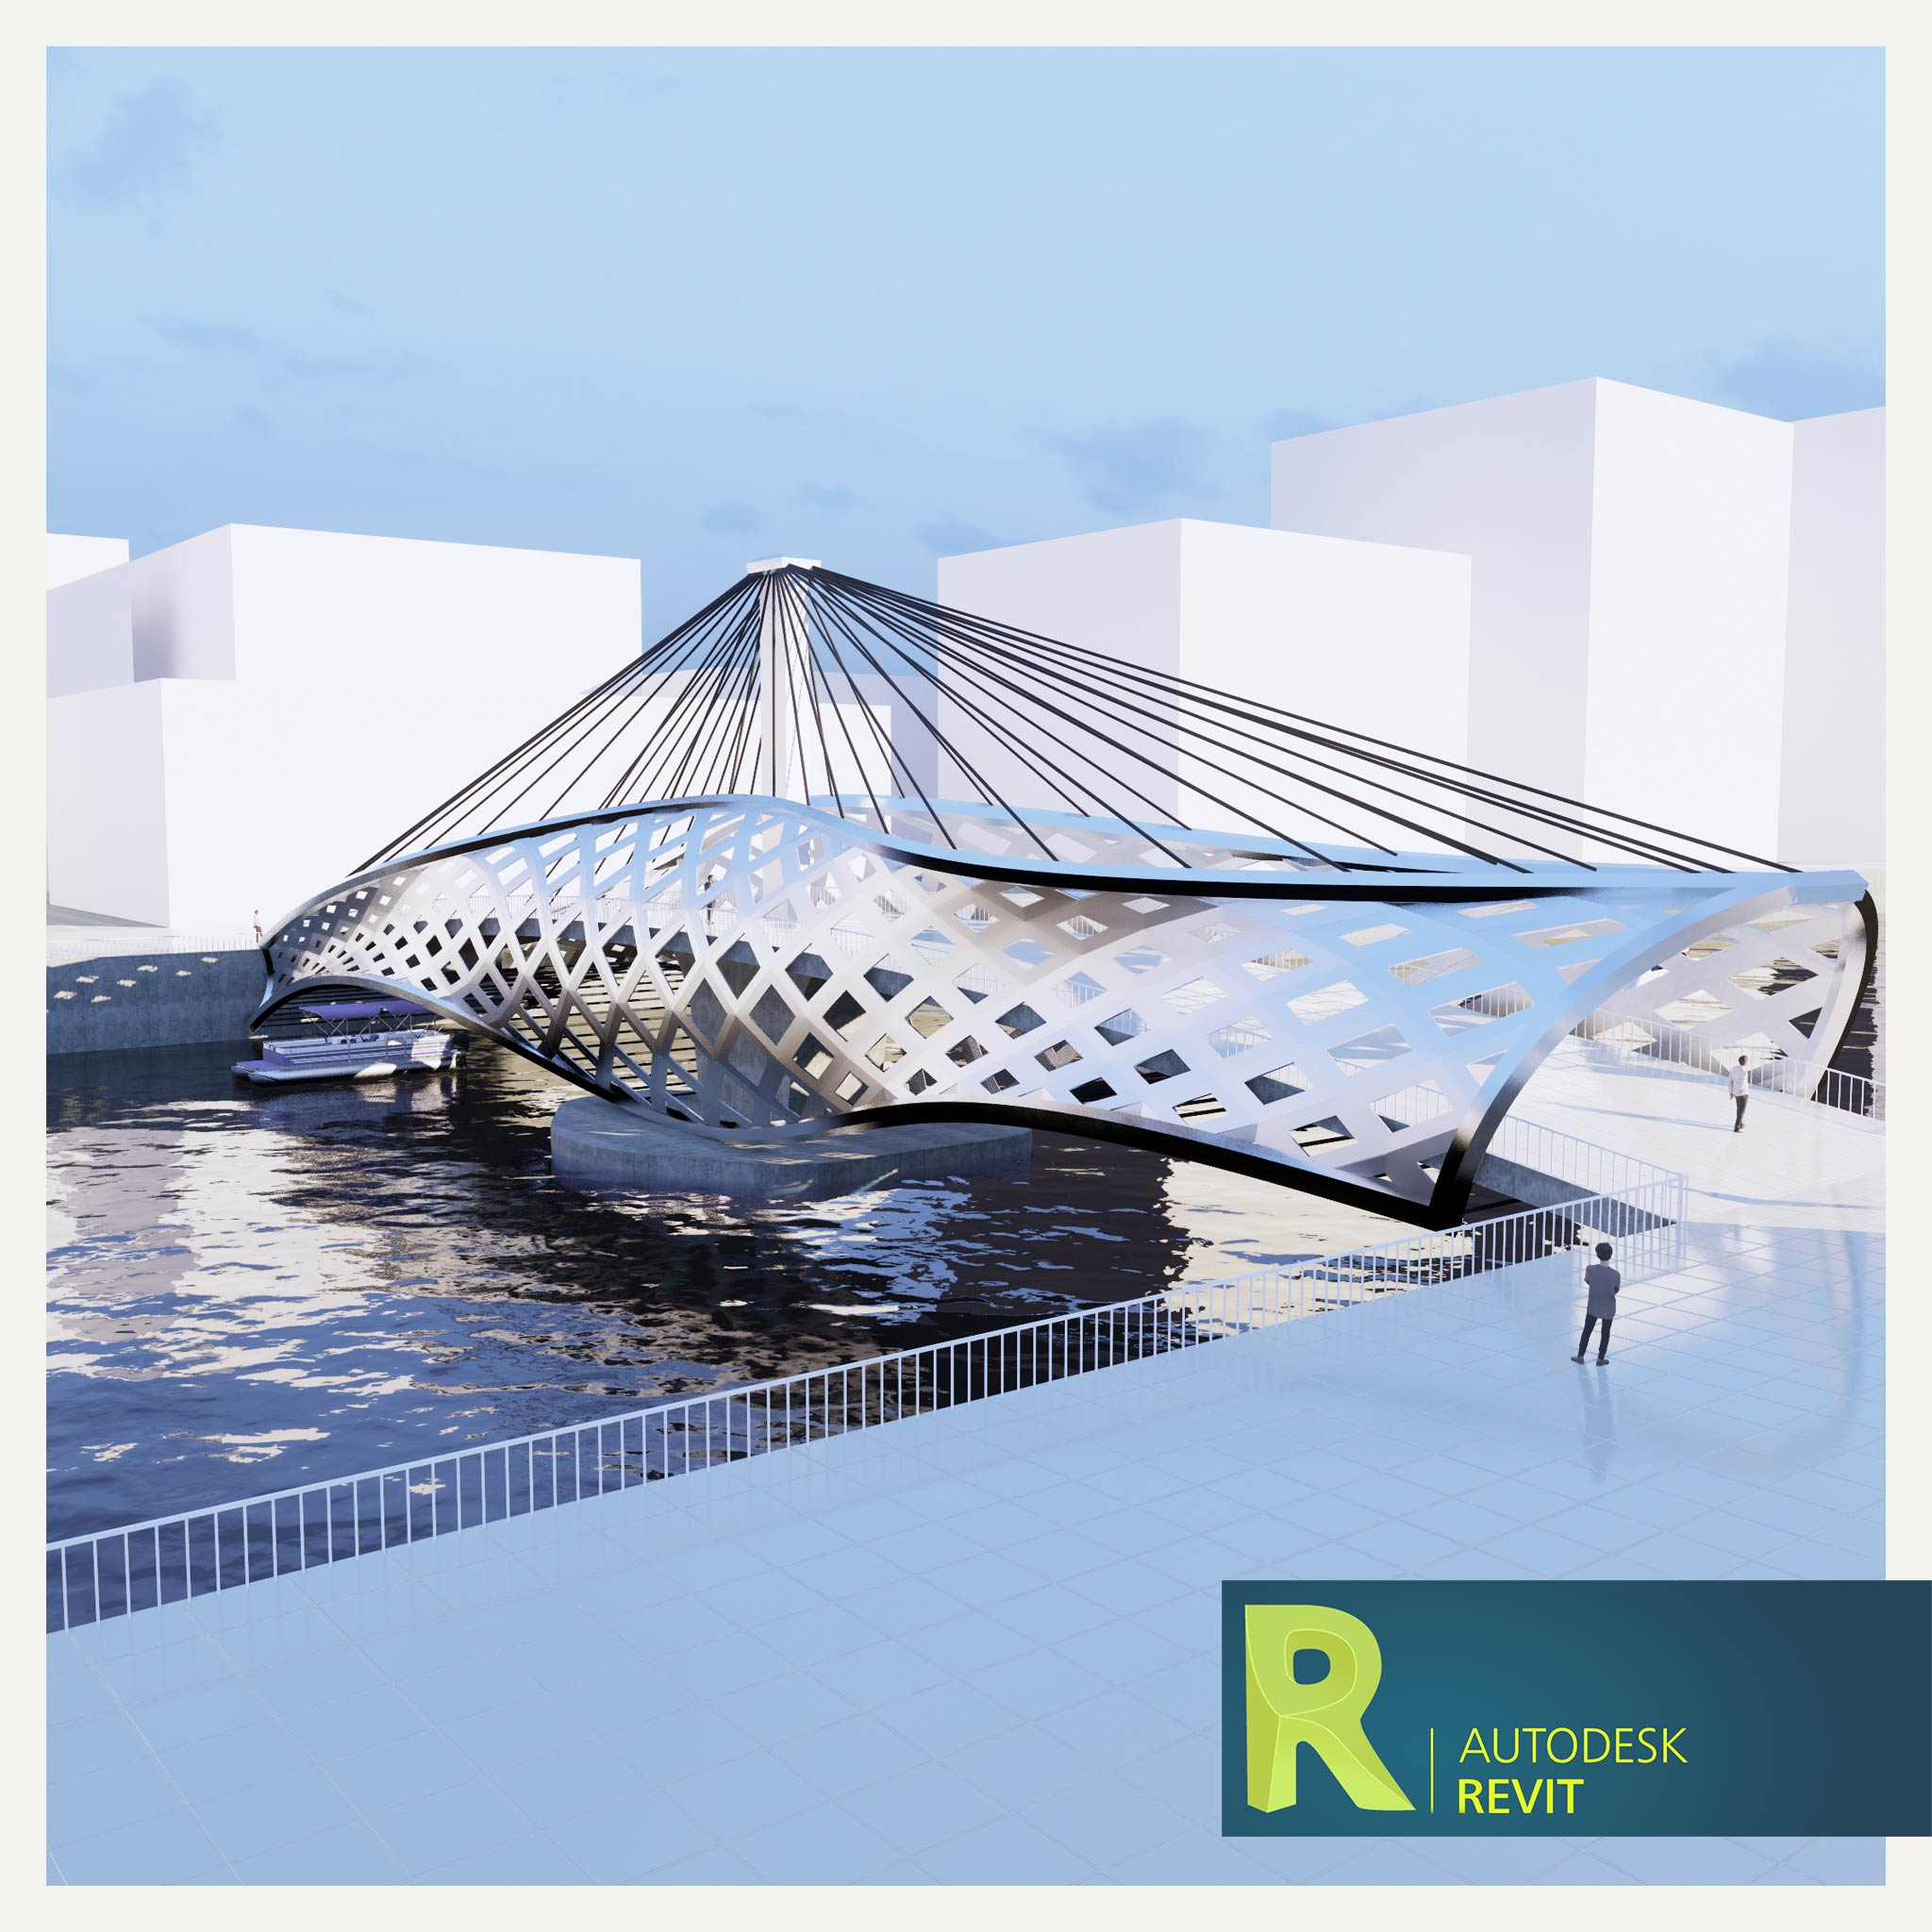 آموزش مدلسازی طراحی پوسته و سازه کابلی برای پل